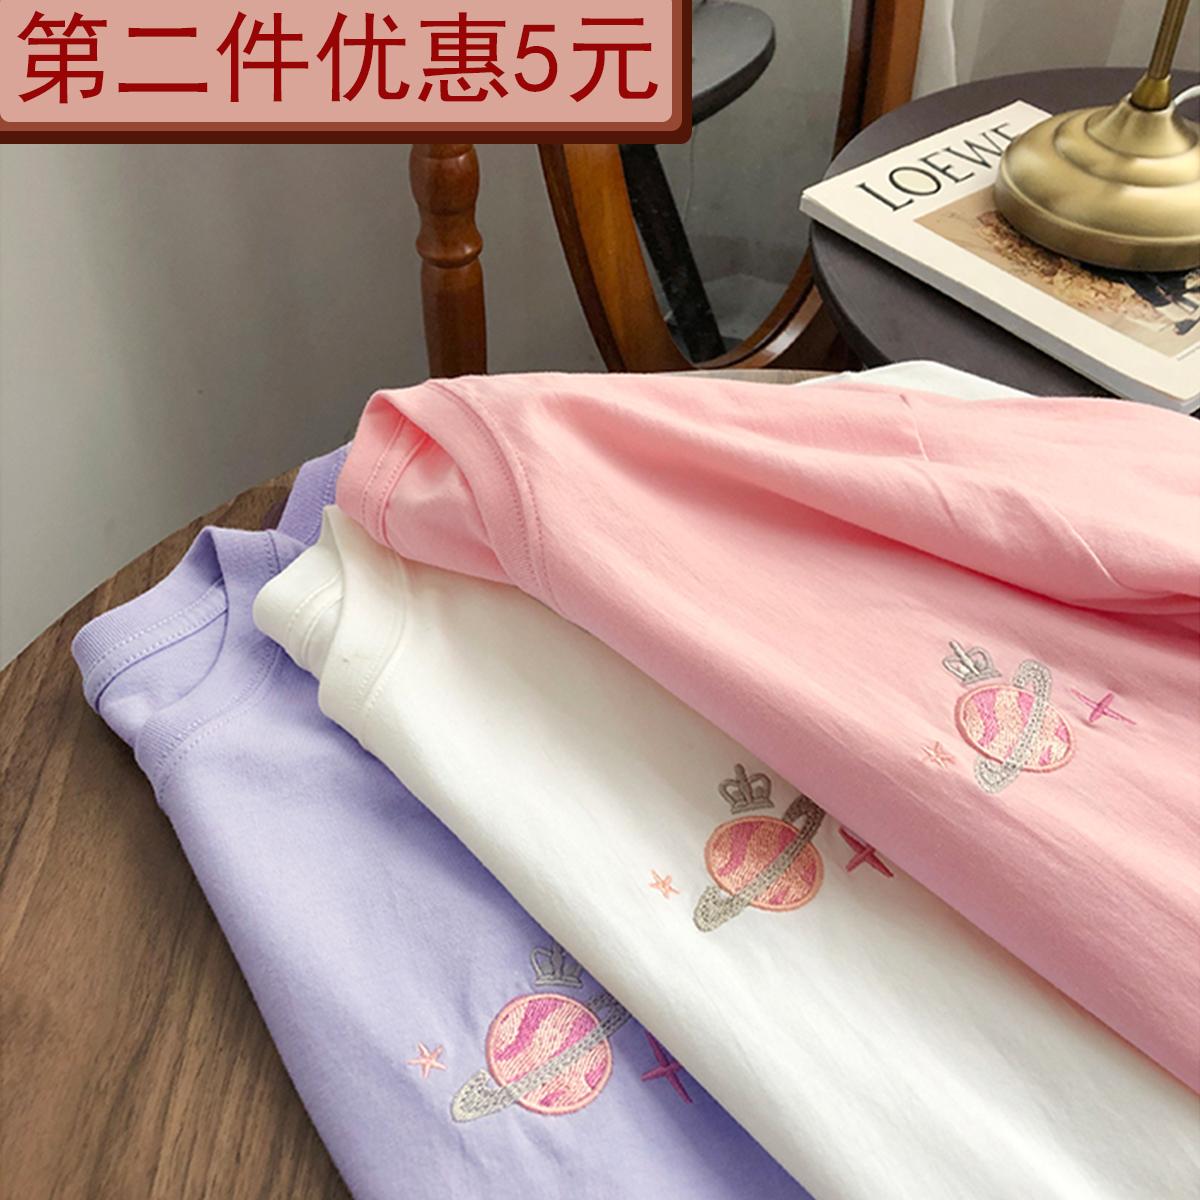 圆领星球刺绣短袖t恤女2020夏季新款百搭时尚网红休闲宽松上衣ins